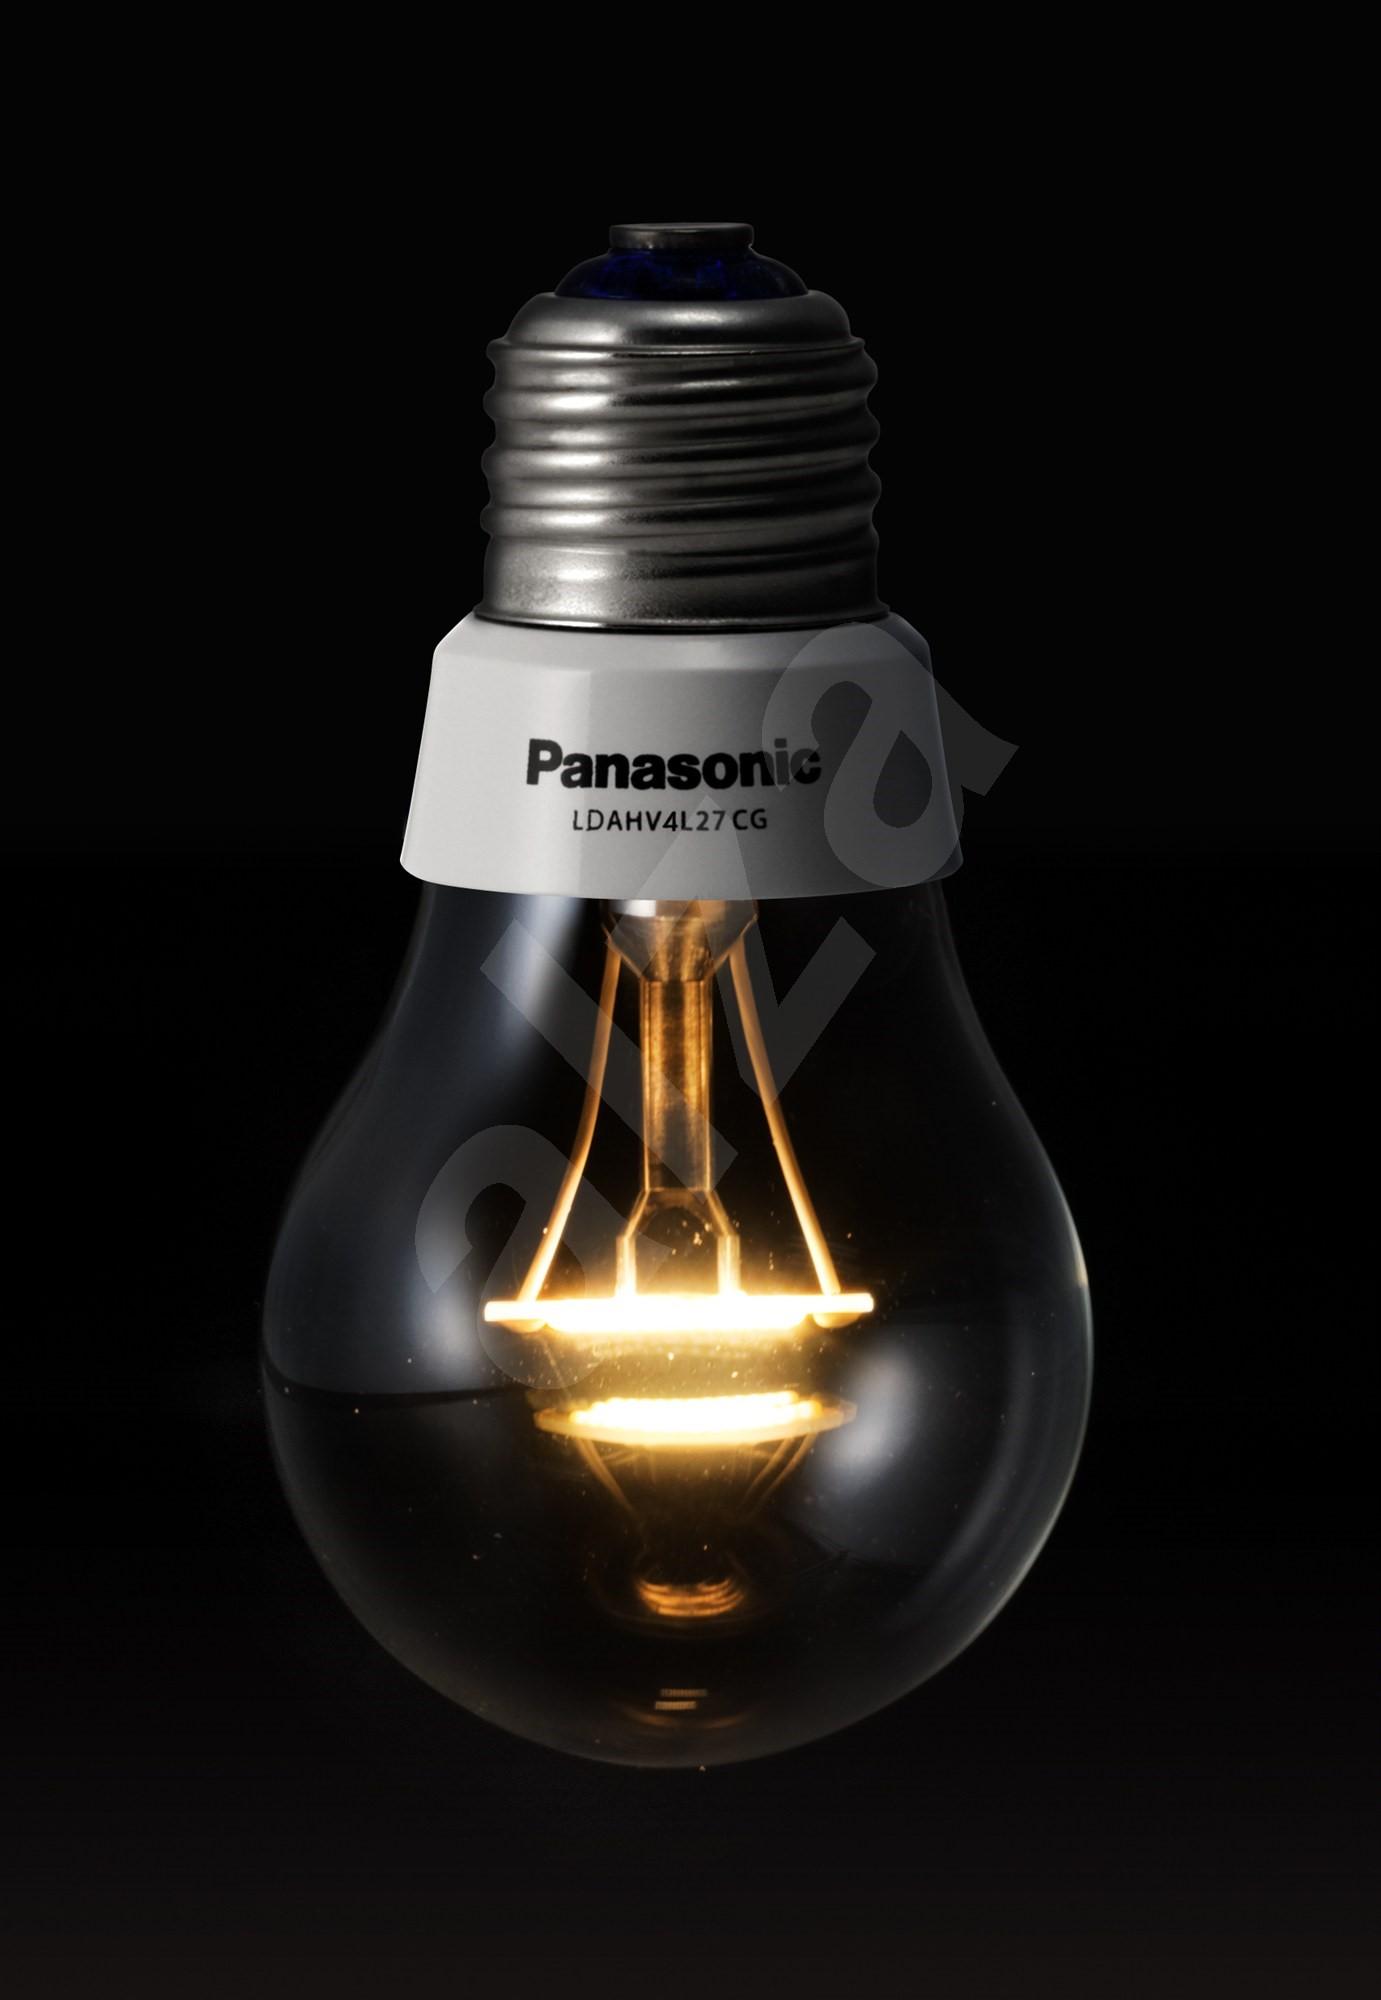 panasonic nostalgic klar 4 4w e27 2700k led lampen. Black Bedroom Furniture Sets. Home Design Ideas